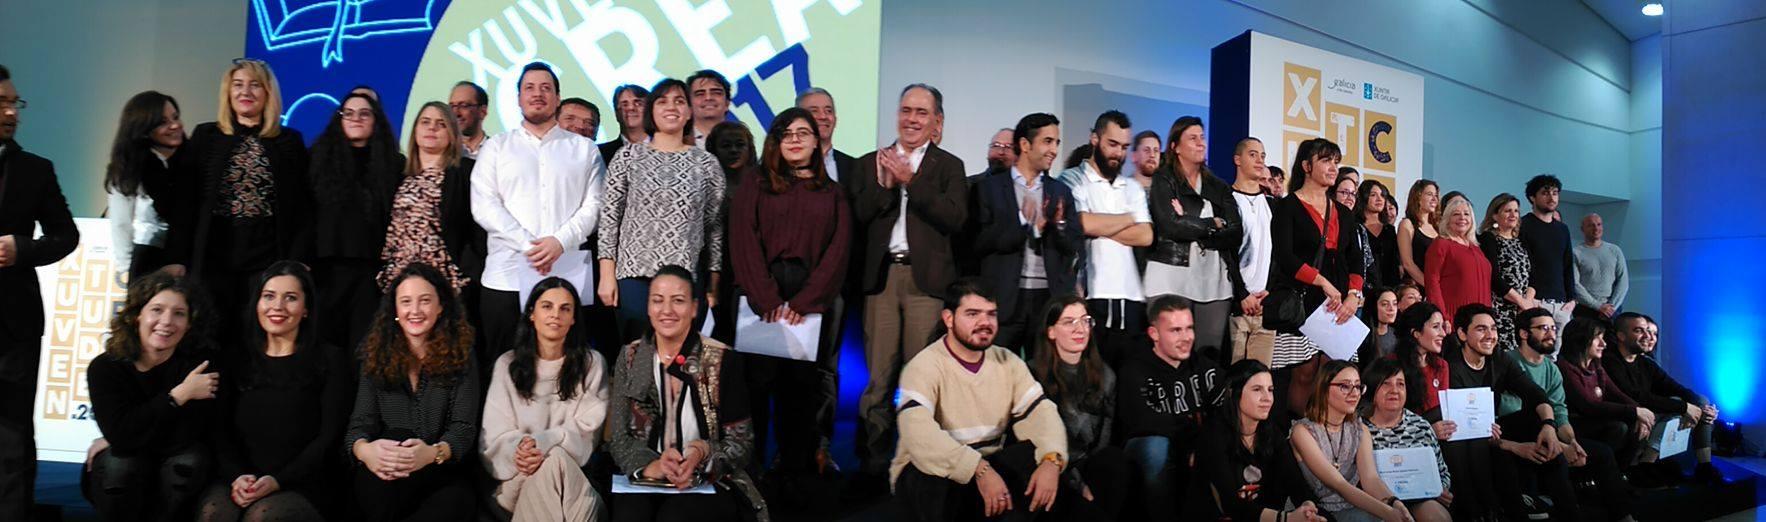 Premios Xuventude CREA 2017